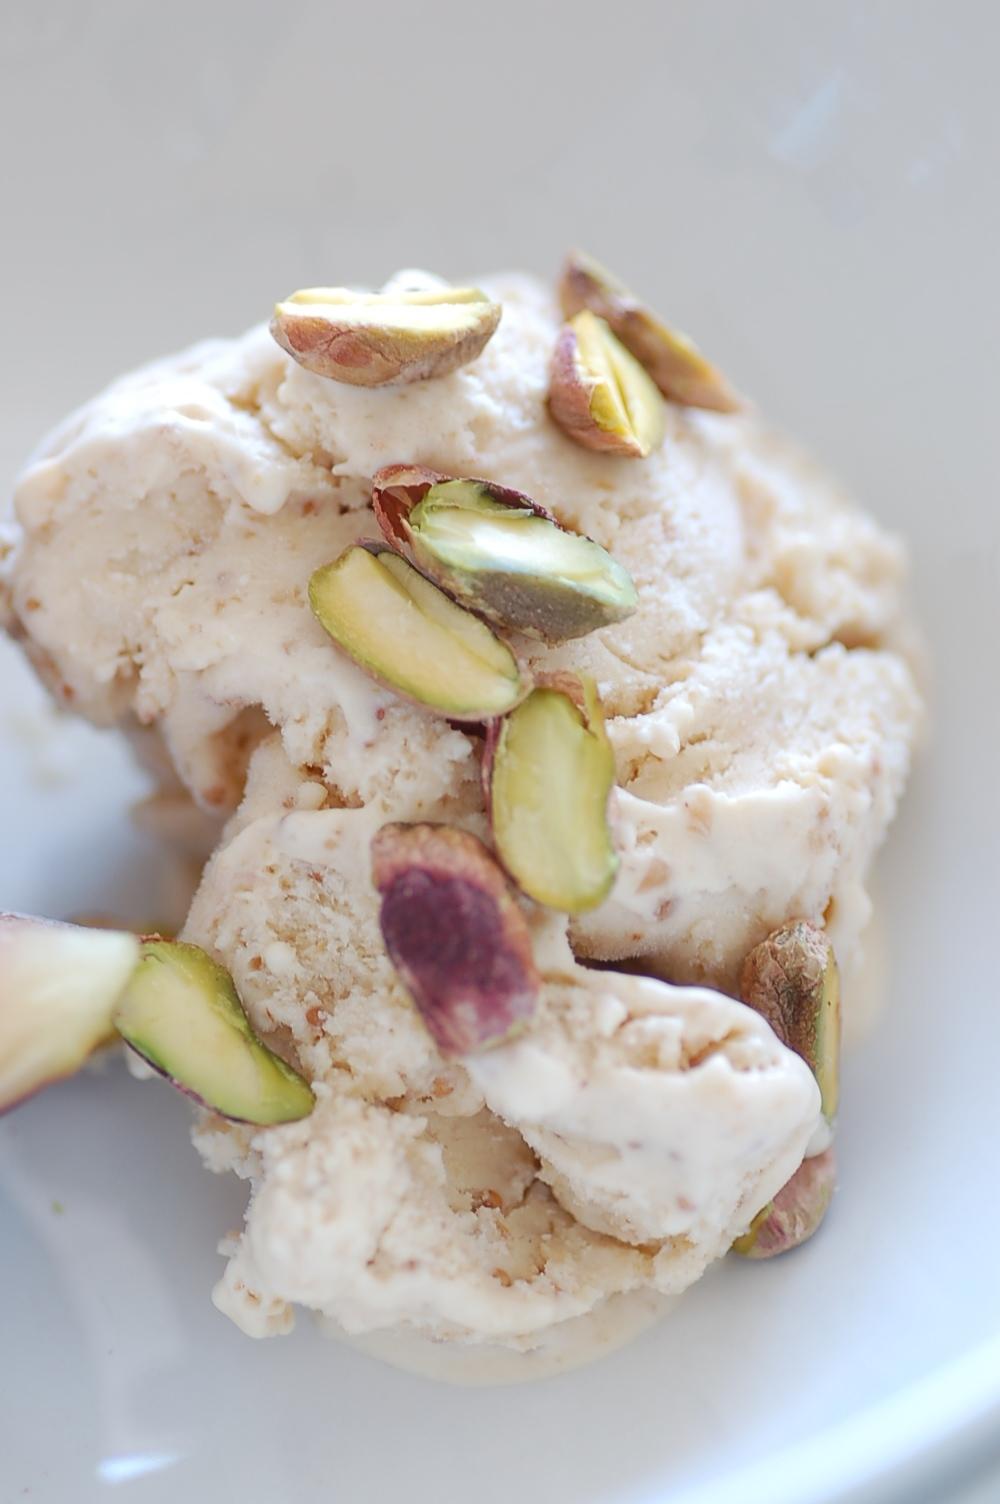 ... human interior hazelnuts connoisseur gourmet ice classic vanilla ice